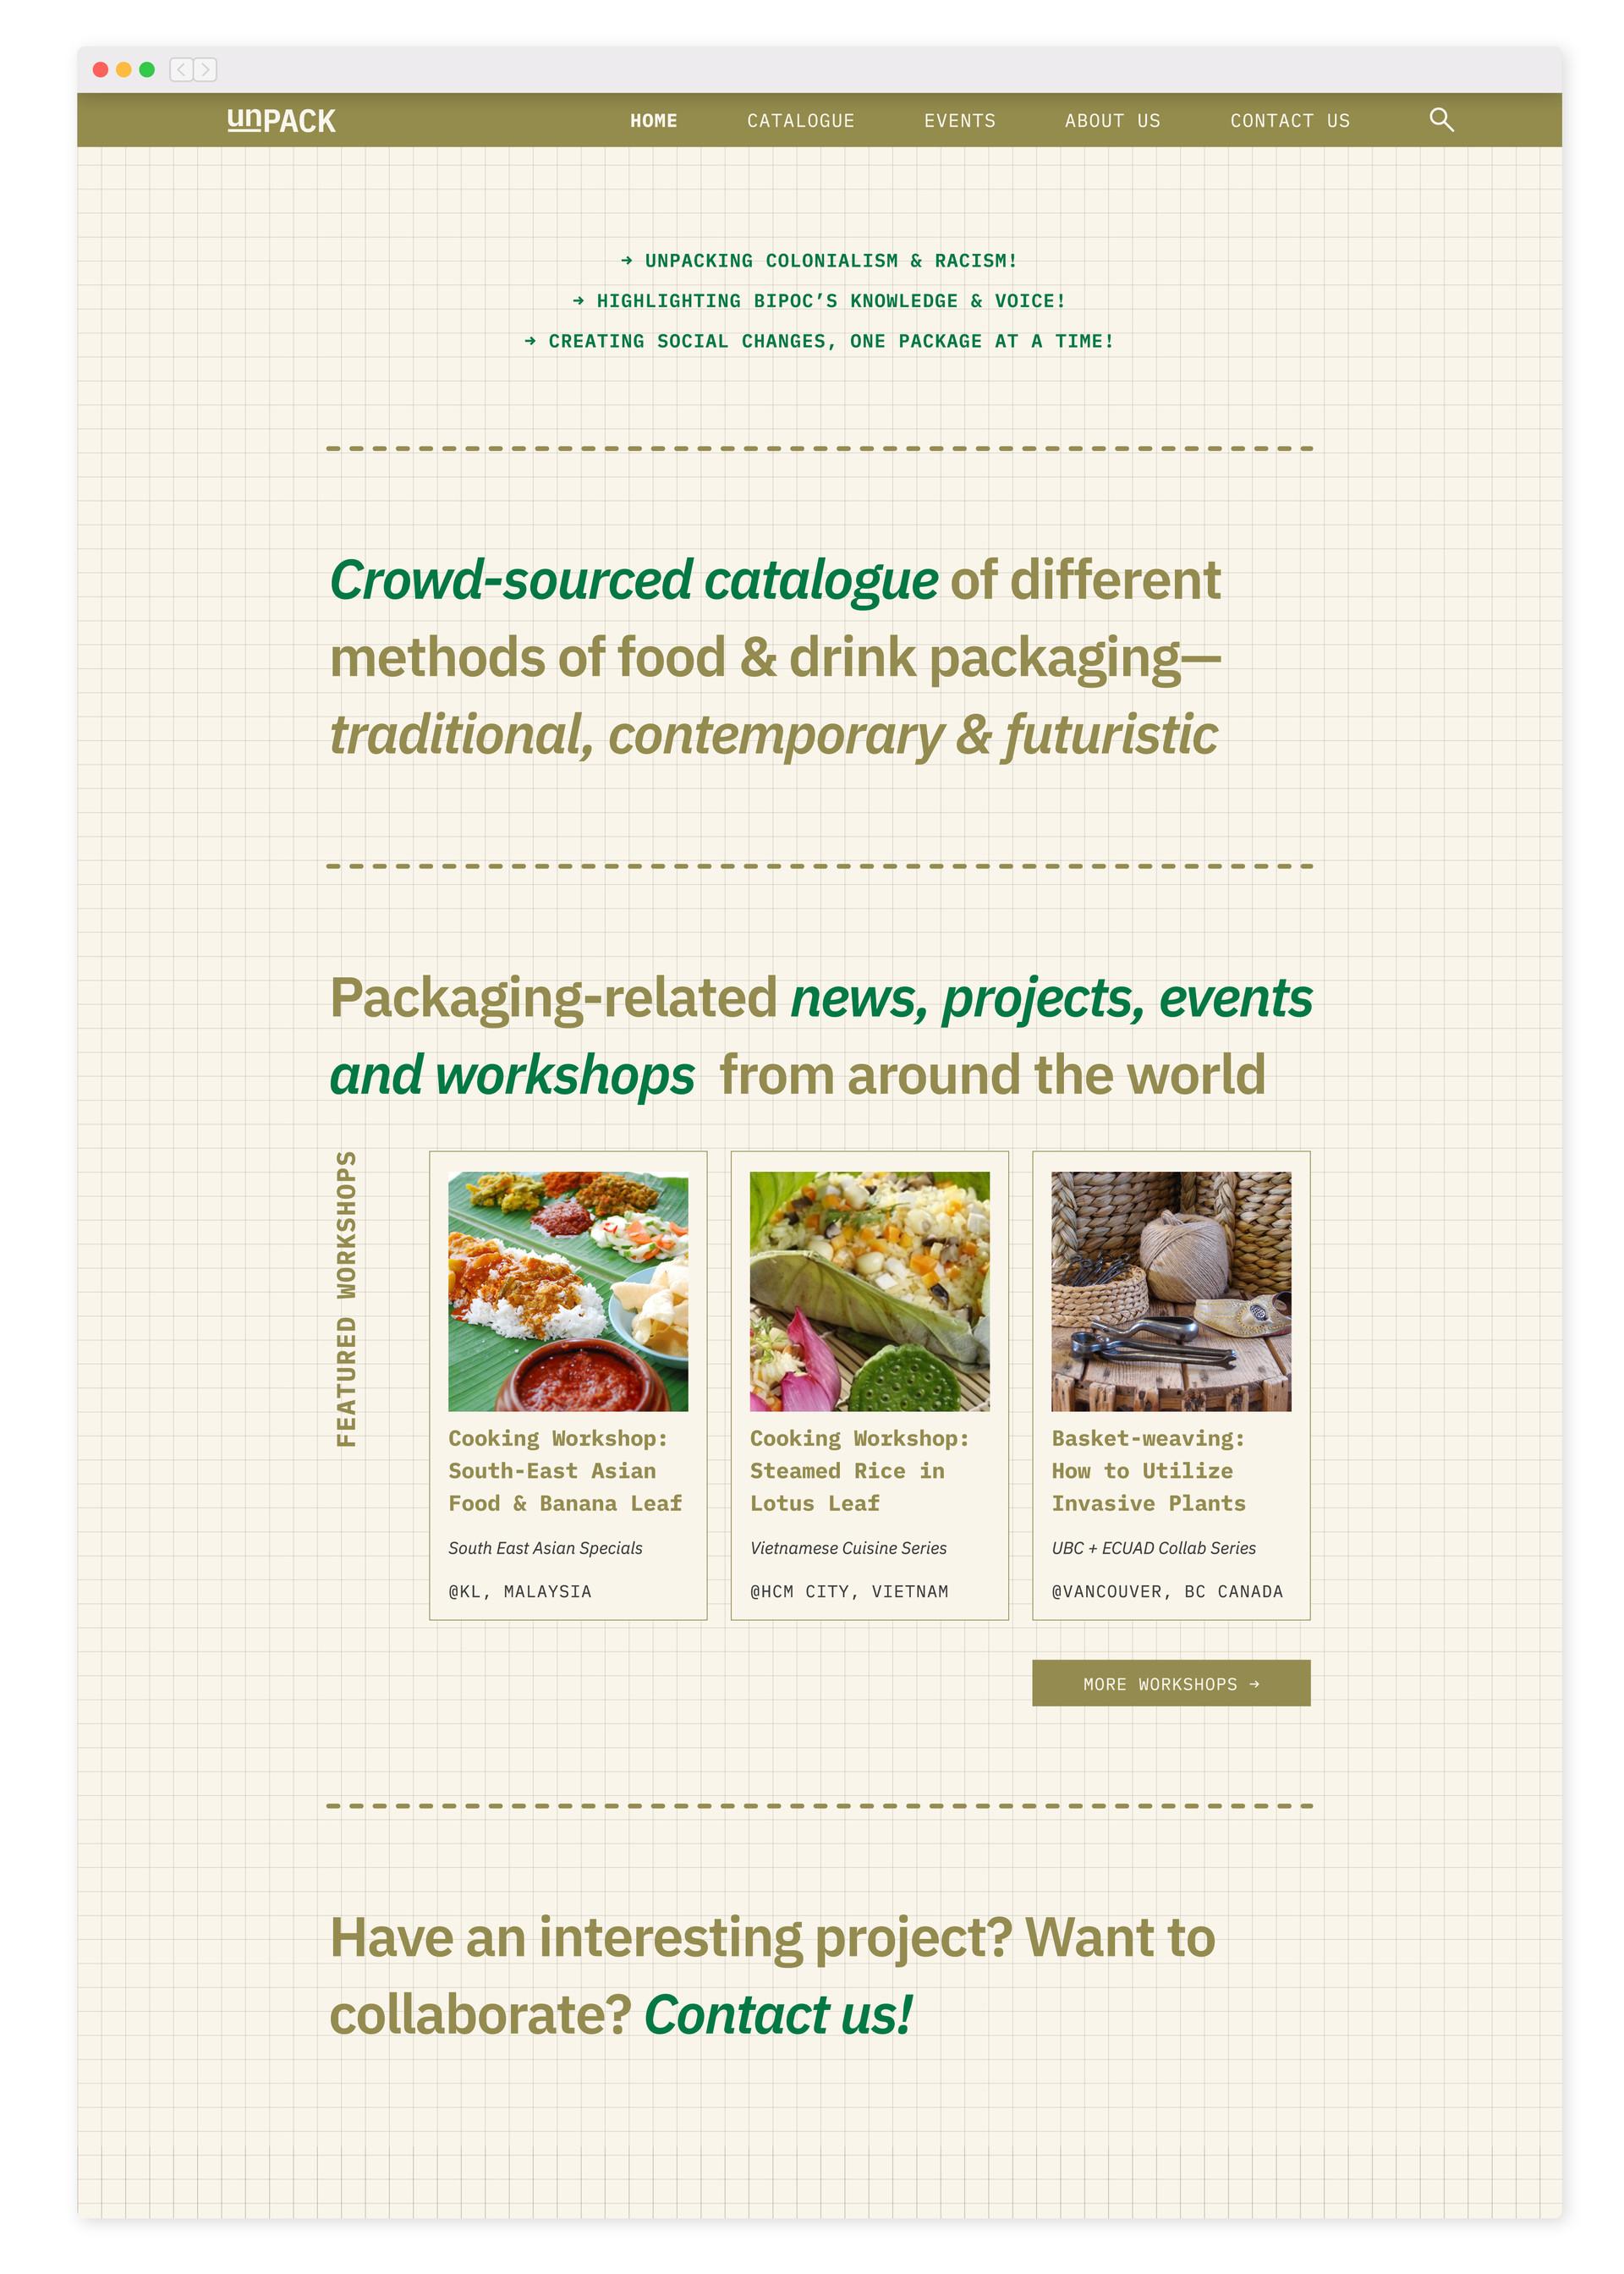 triet-pham-unpack-web-design-01.jpg